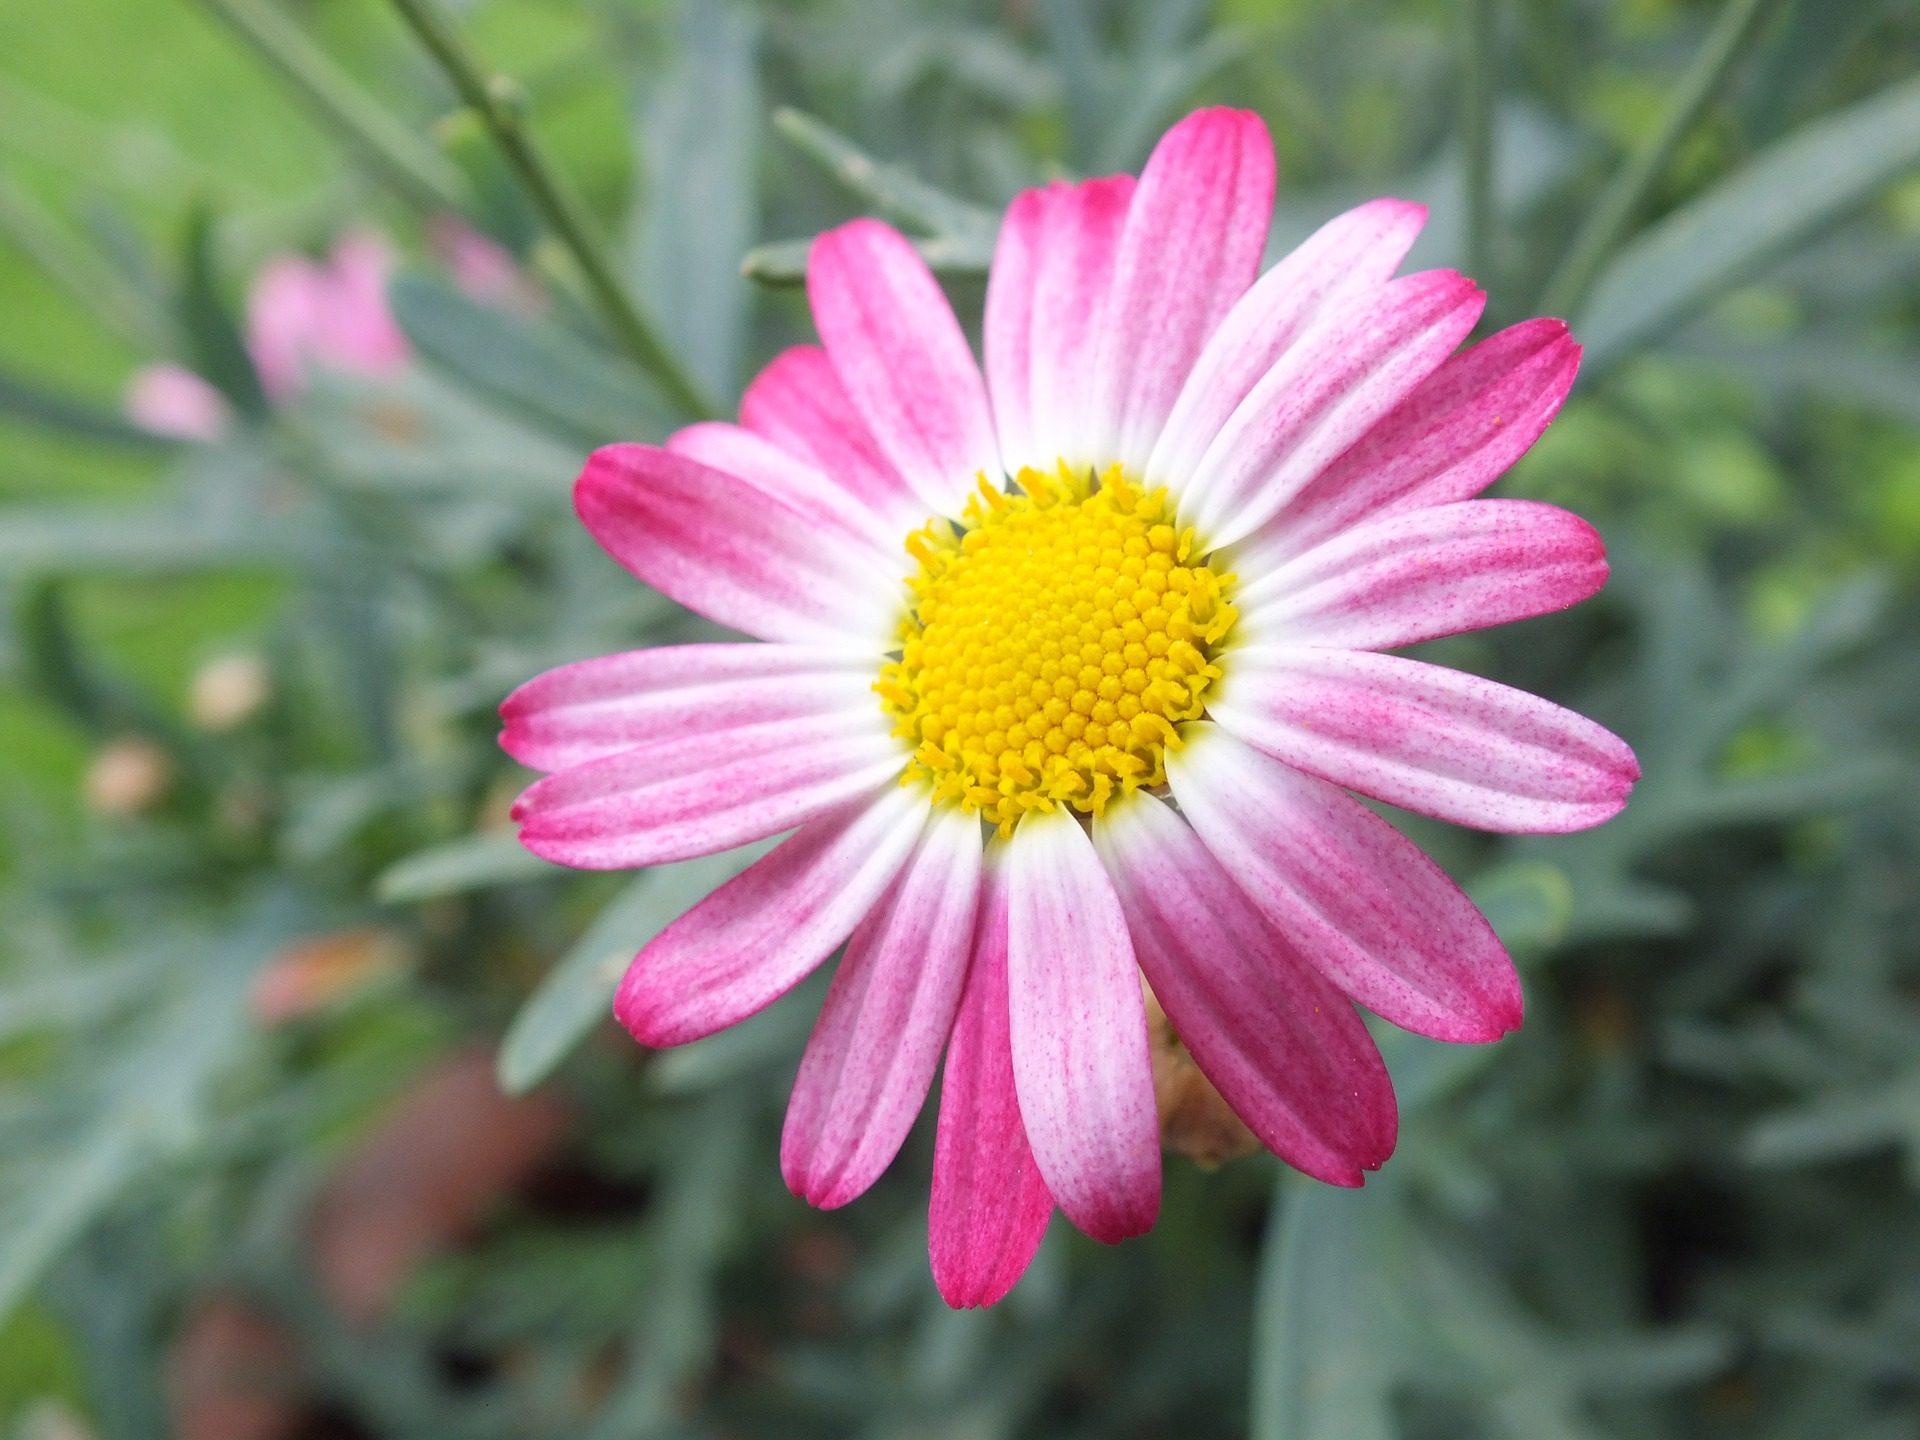 مارغريتا, زهرة, تلات, حديقة, بلوم, روزا - خلفيات عالية الدقة - أستاذ falken.com